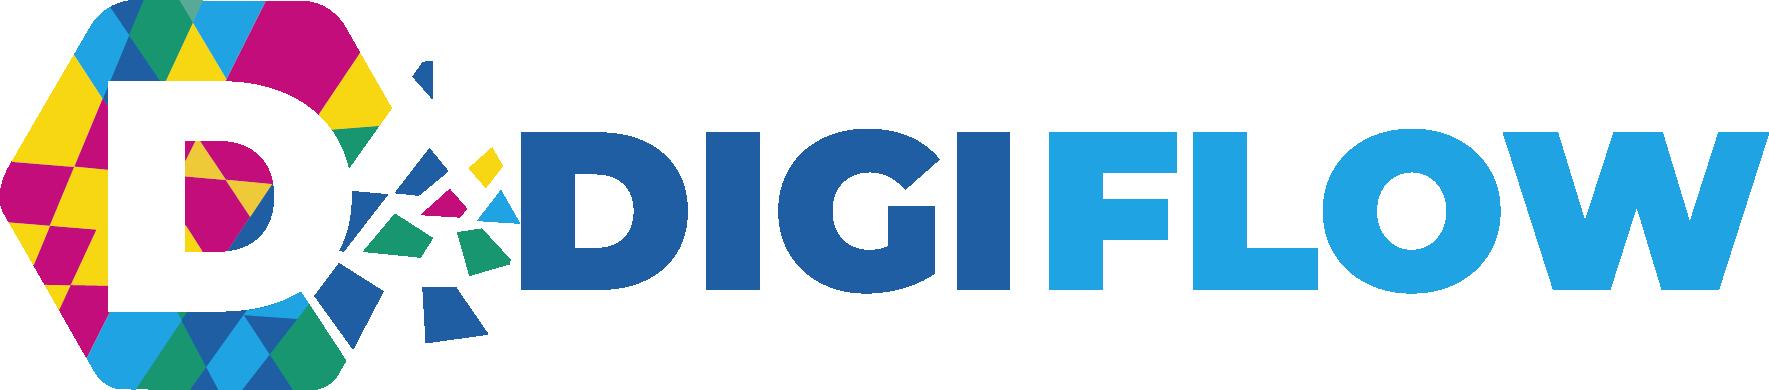 Digiflow